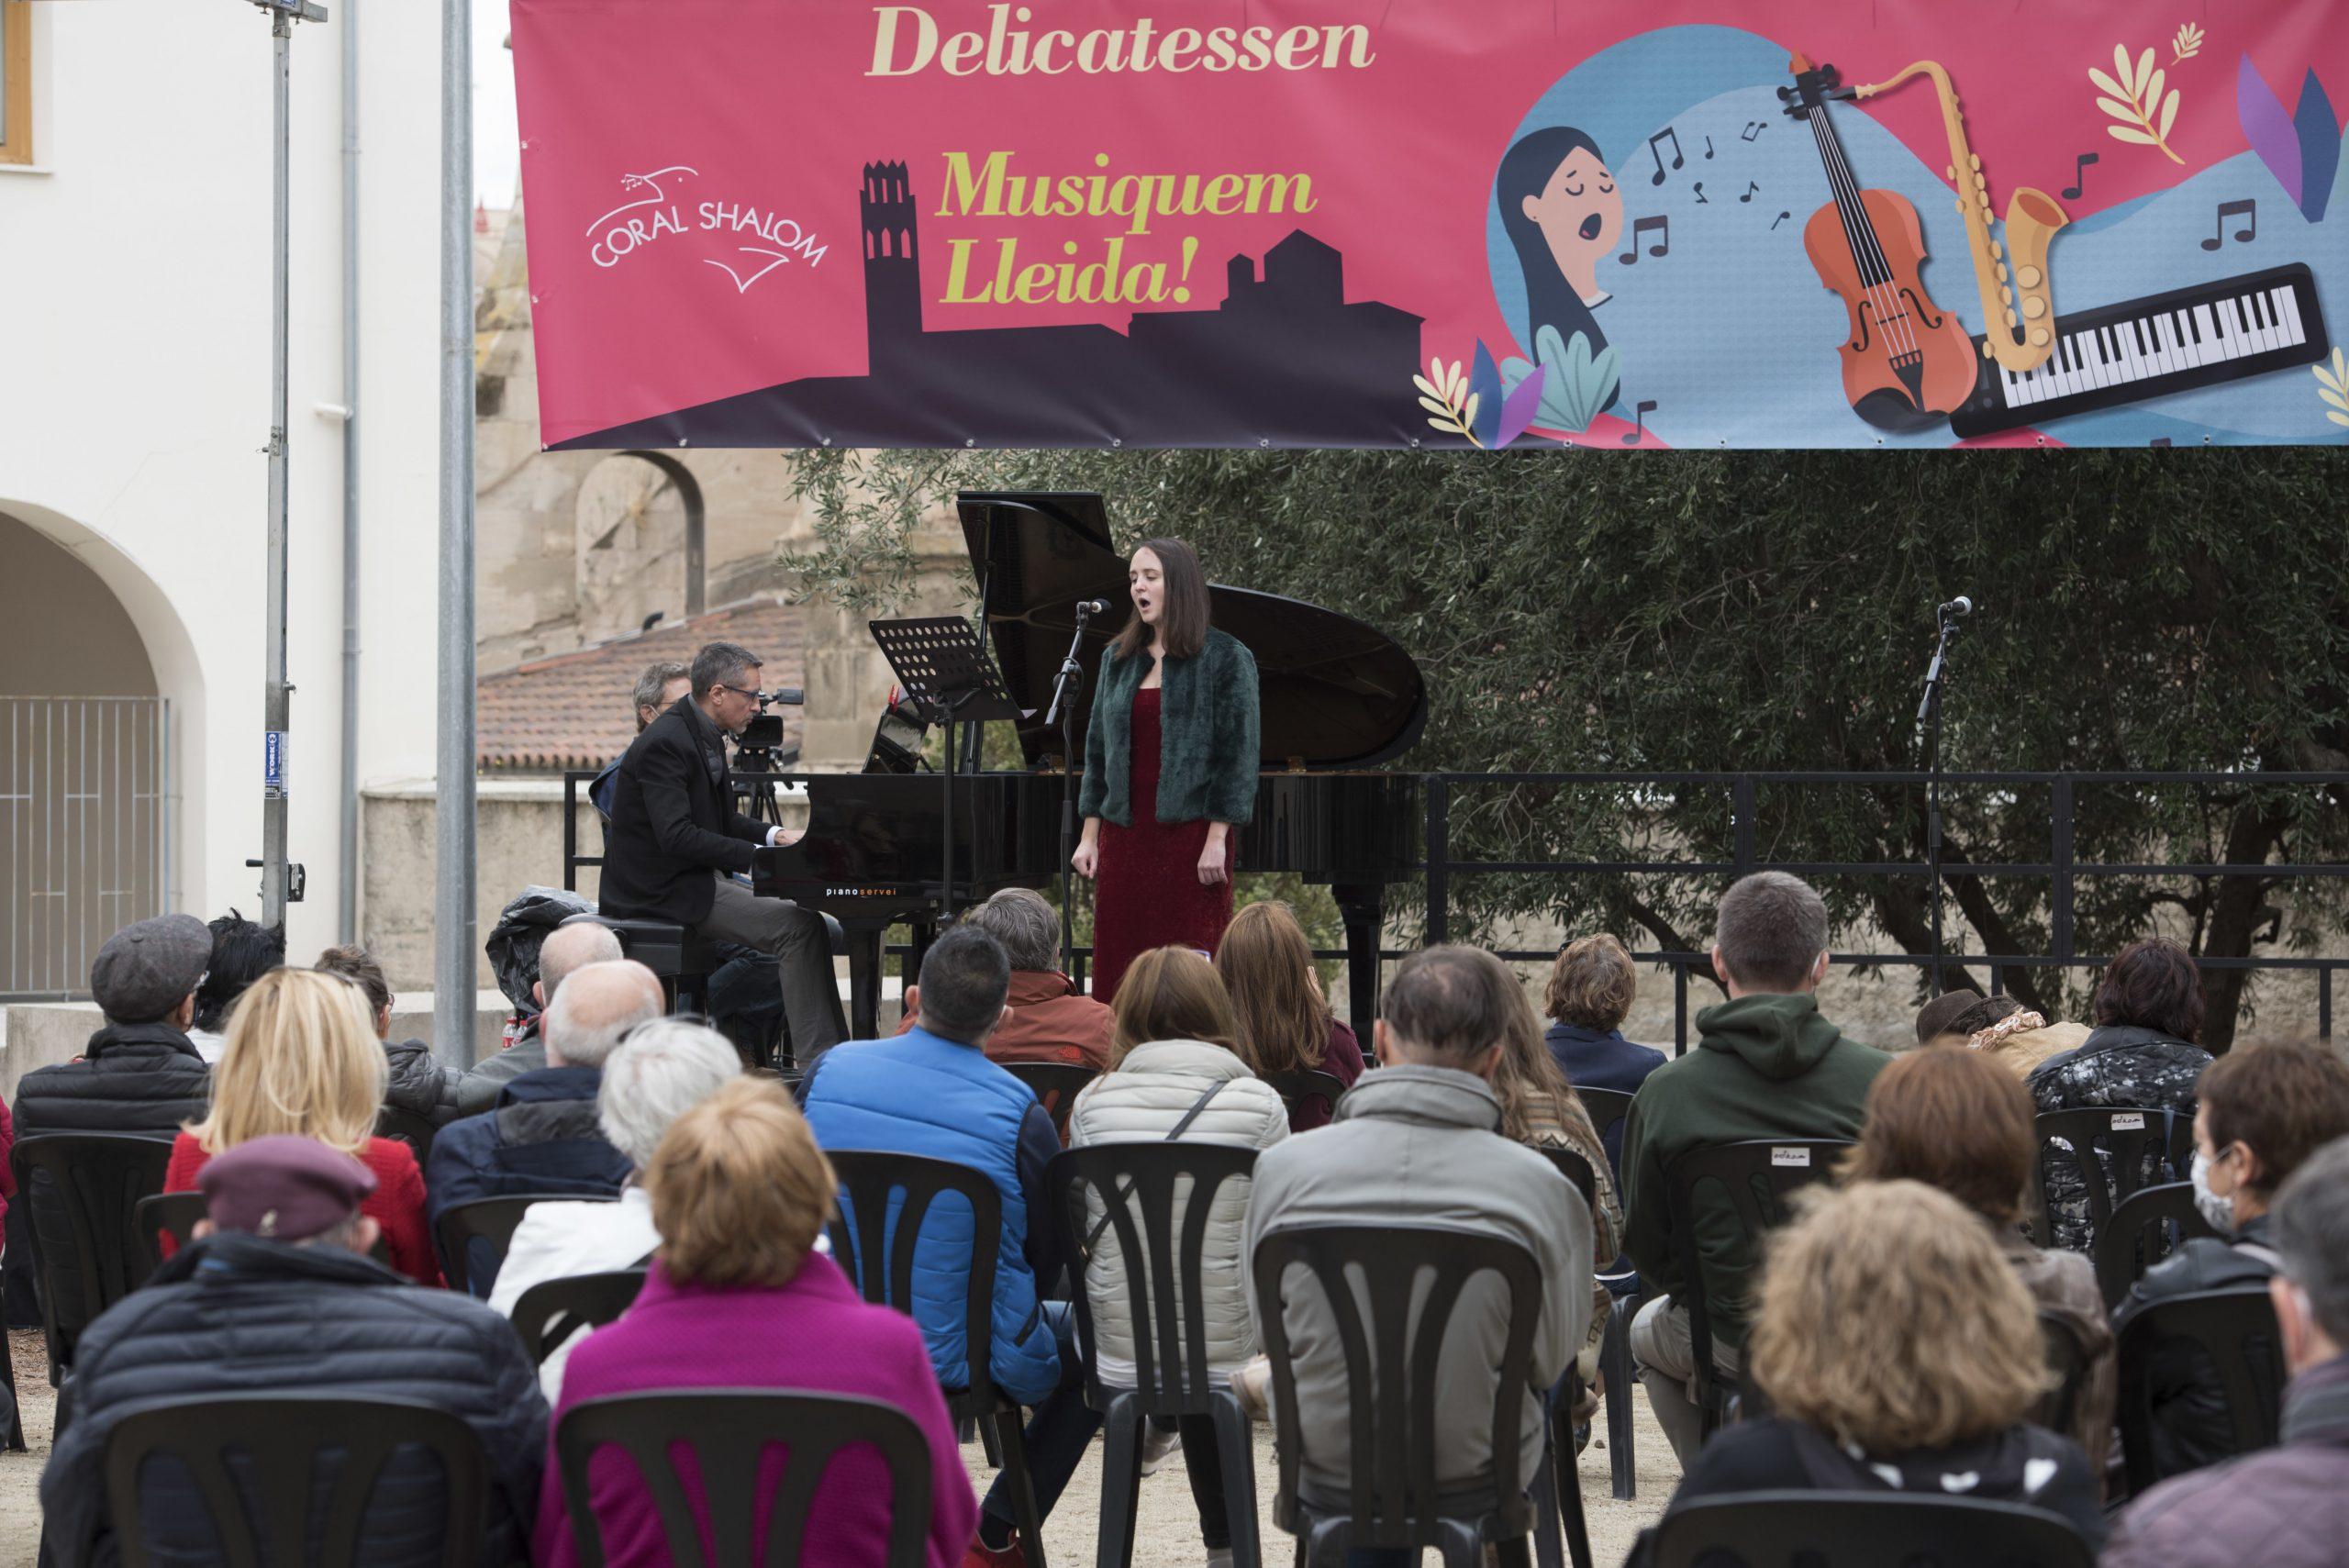 Èxit de públic al segon dia del 'Delicatessen Musiquem Lleida!', que s'acaba demà amb concerts de piano, percussió i un sextet de metall